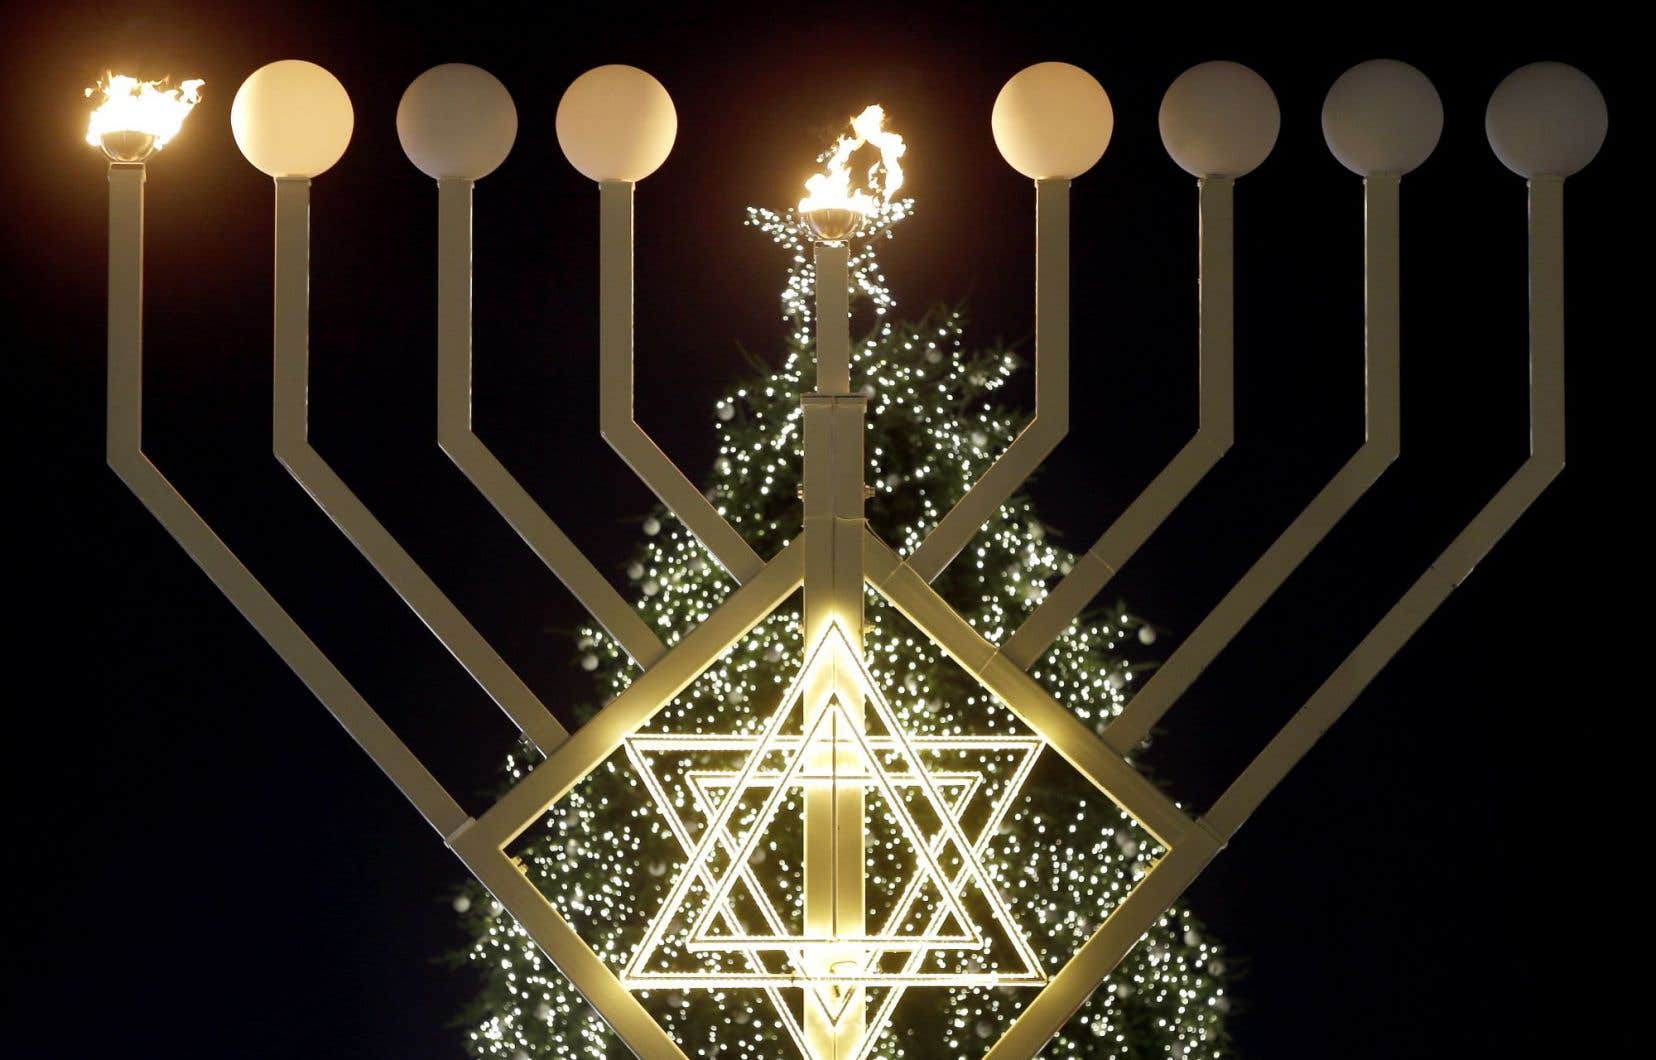 «En ce premier Noël après le rejet de la charte des valeurs, nous devons nous rappeler la dignité de la différence et nous souvenir que la bonne volonté envers les autres est une valeur critique, éthique et religieuse», souligne le rabbin Chaim Steinmetz.